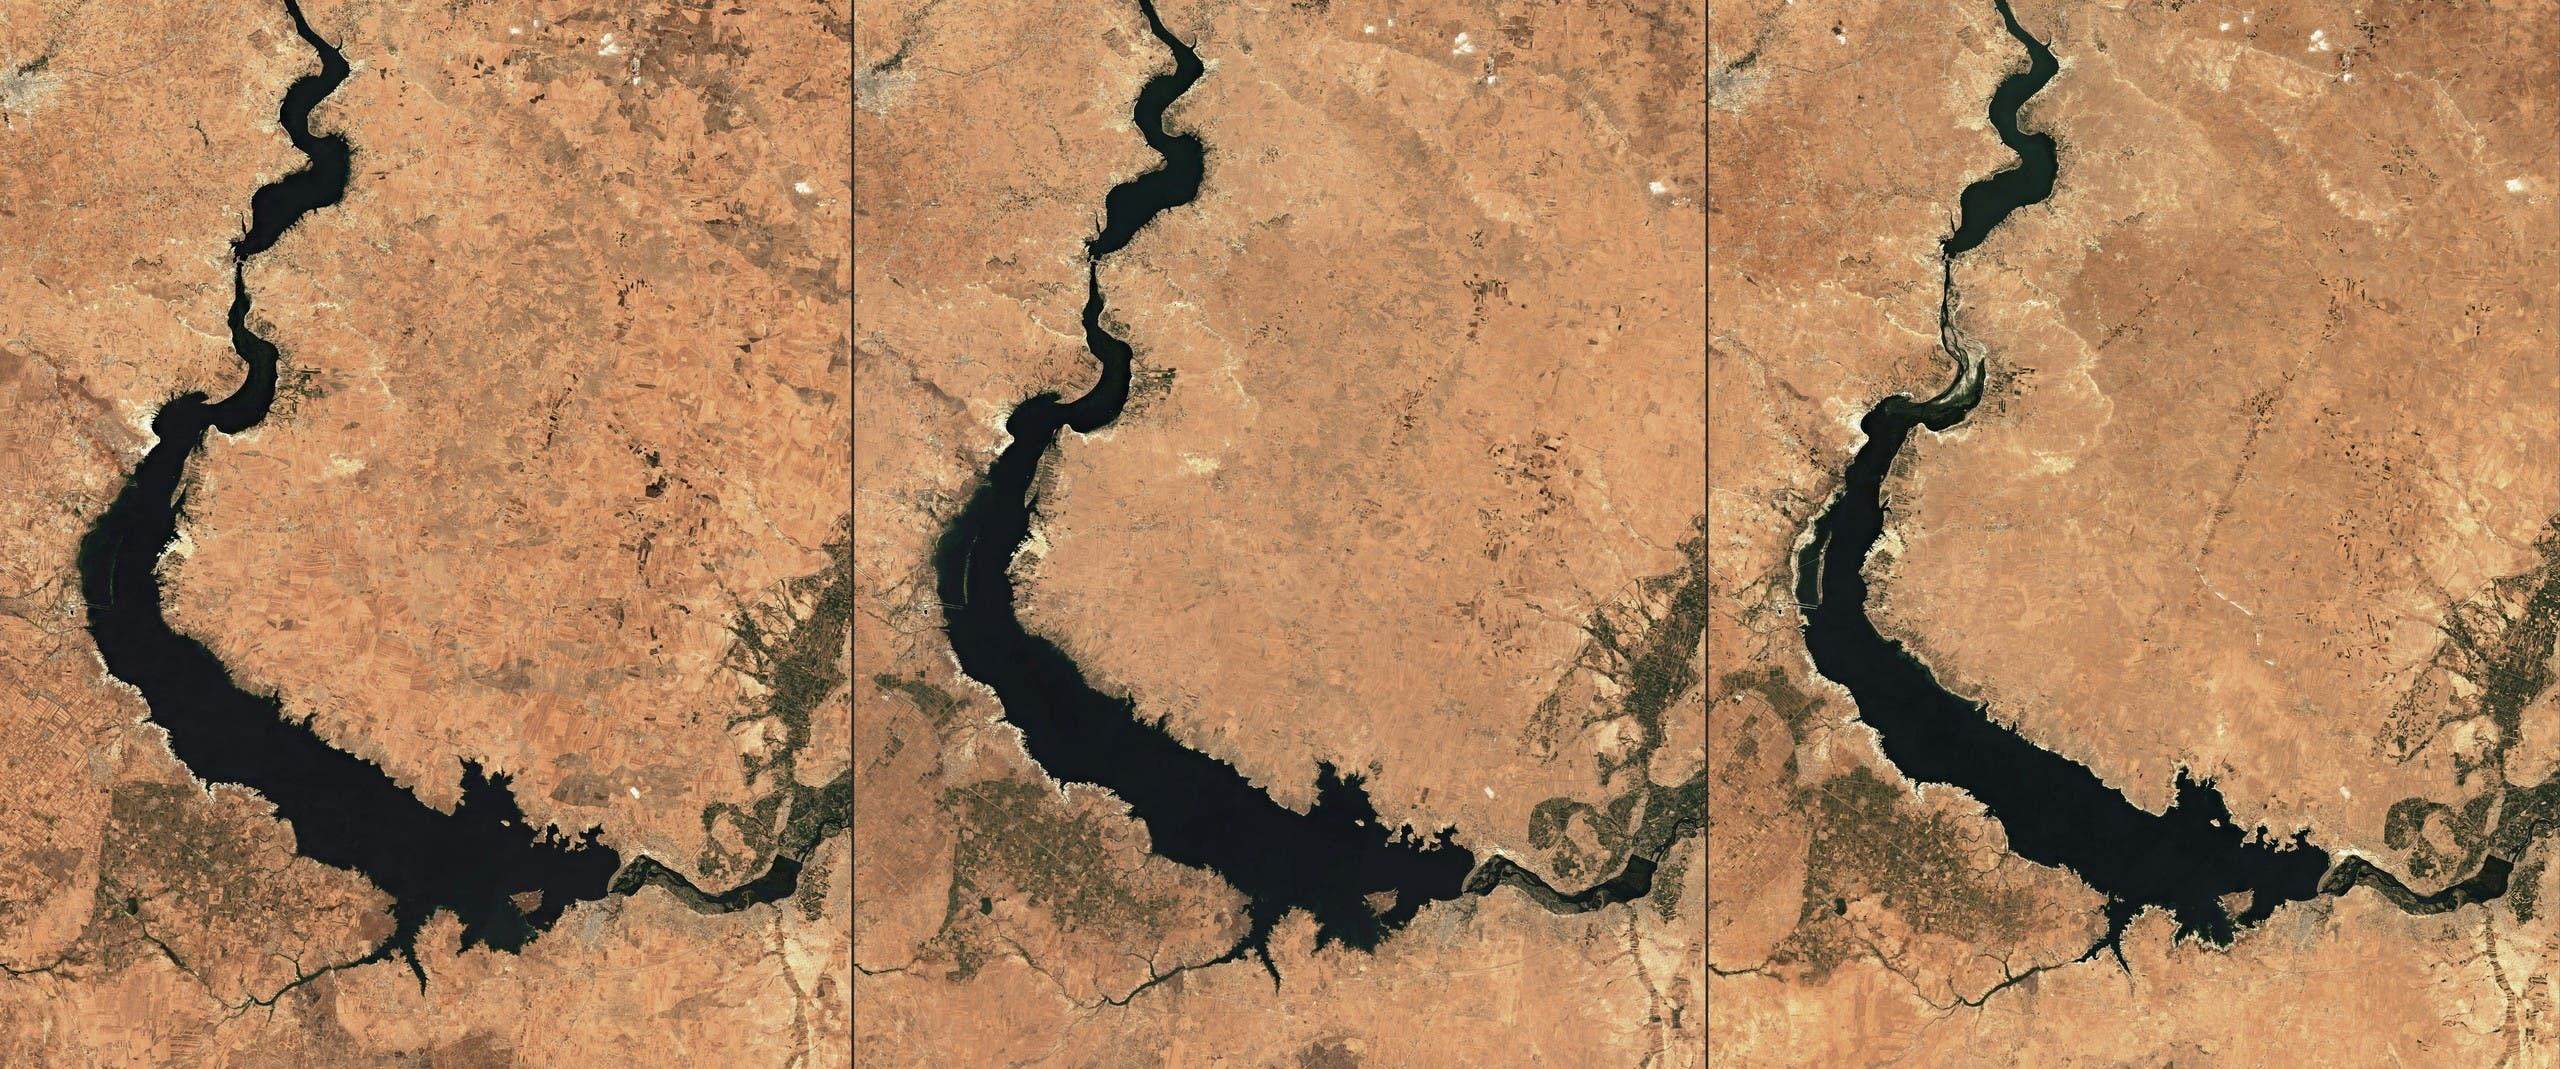 تدفق نهر الفرات في اغسطس من الأعوام 2019 و2020 و2021